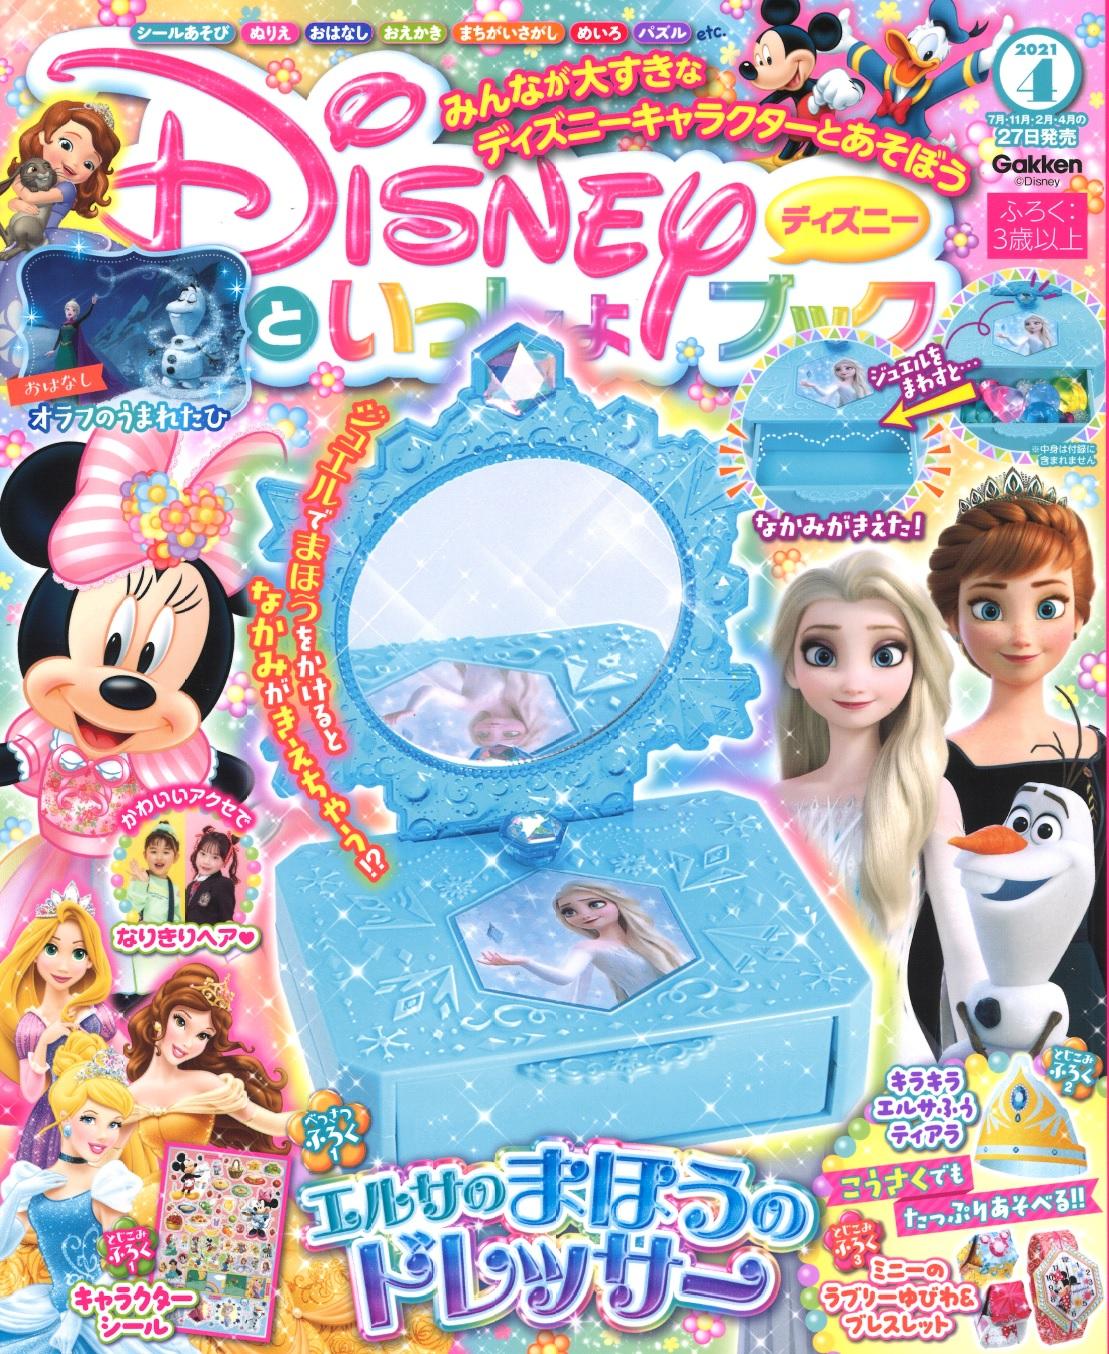 『ディズニーといっしょブック 2021年4月号』書影